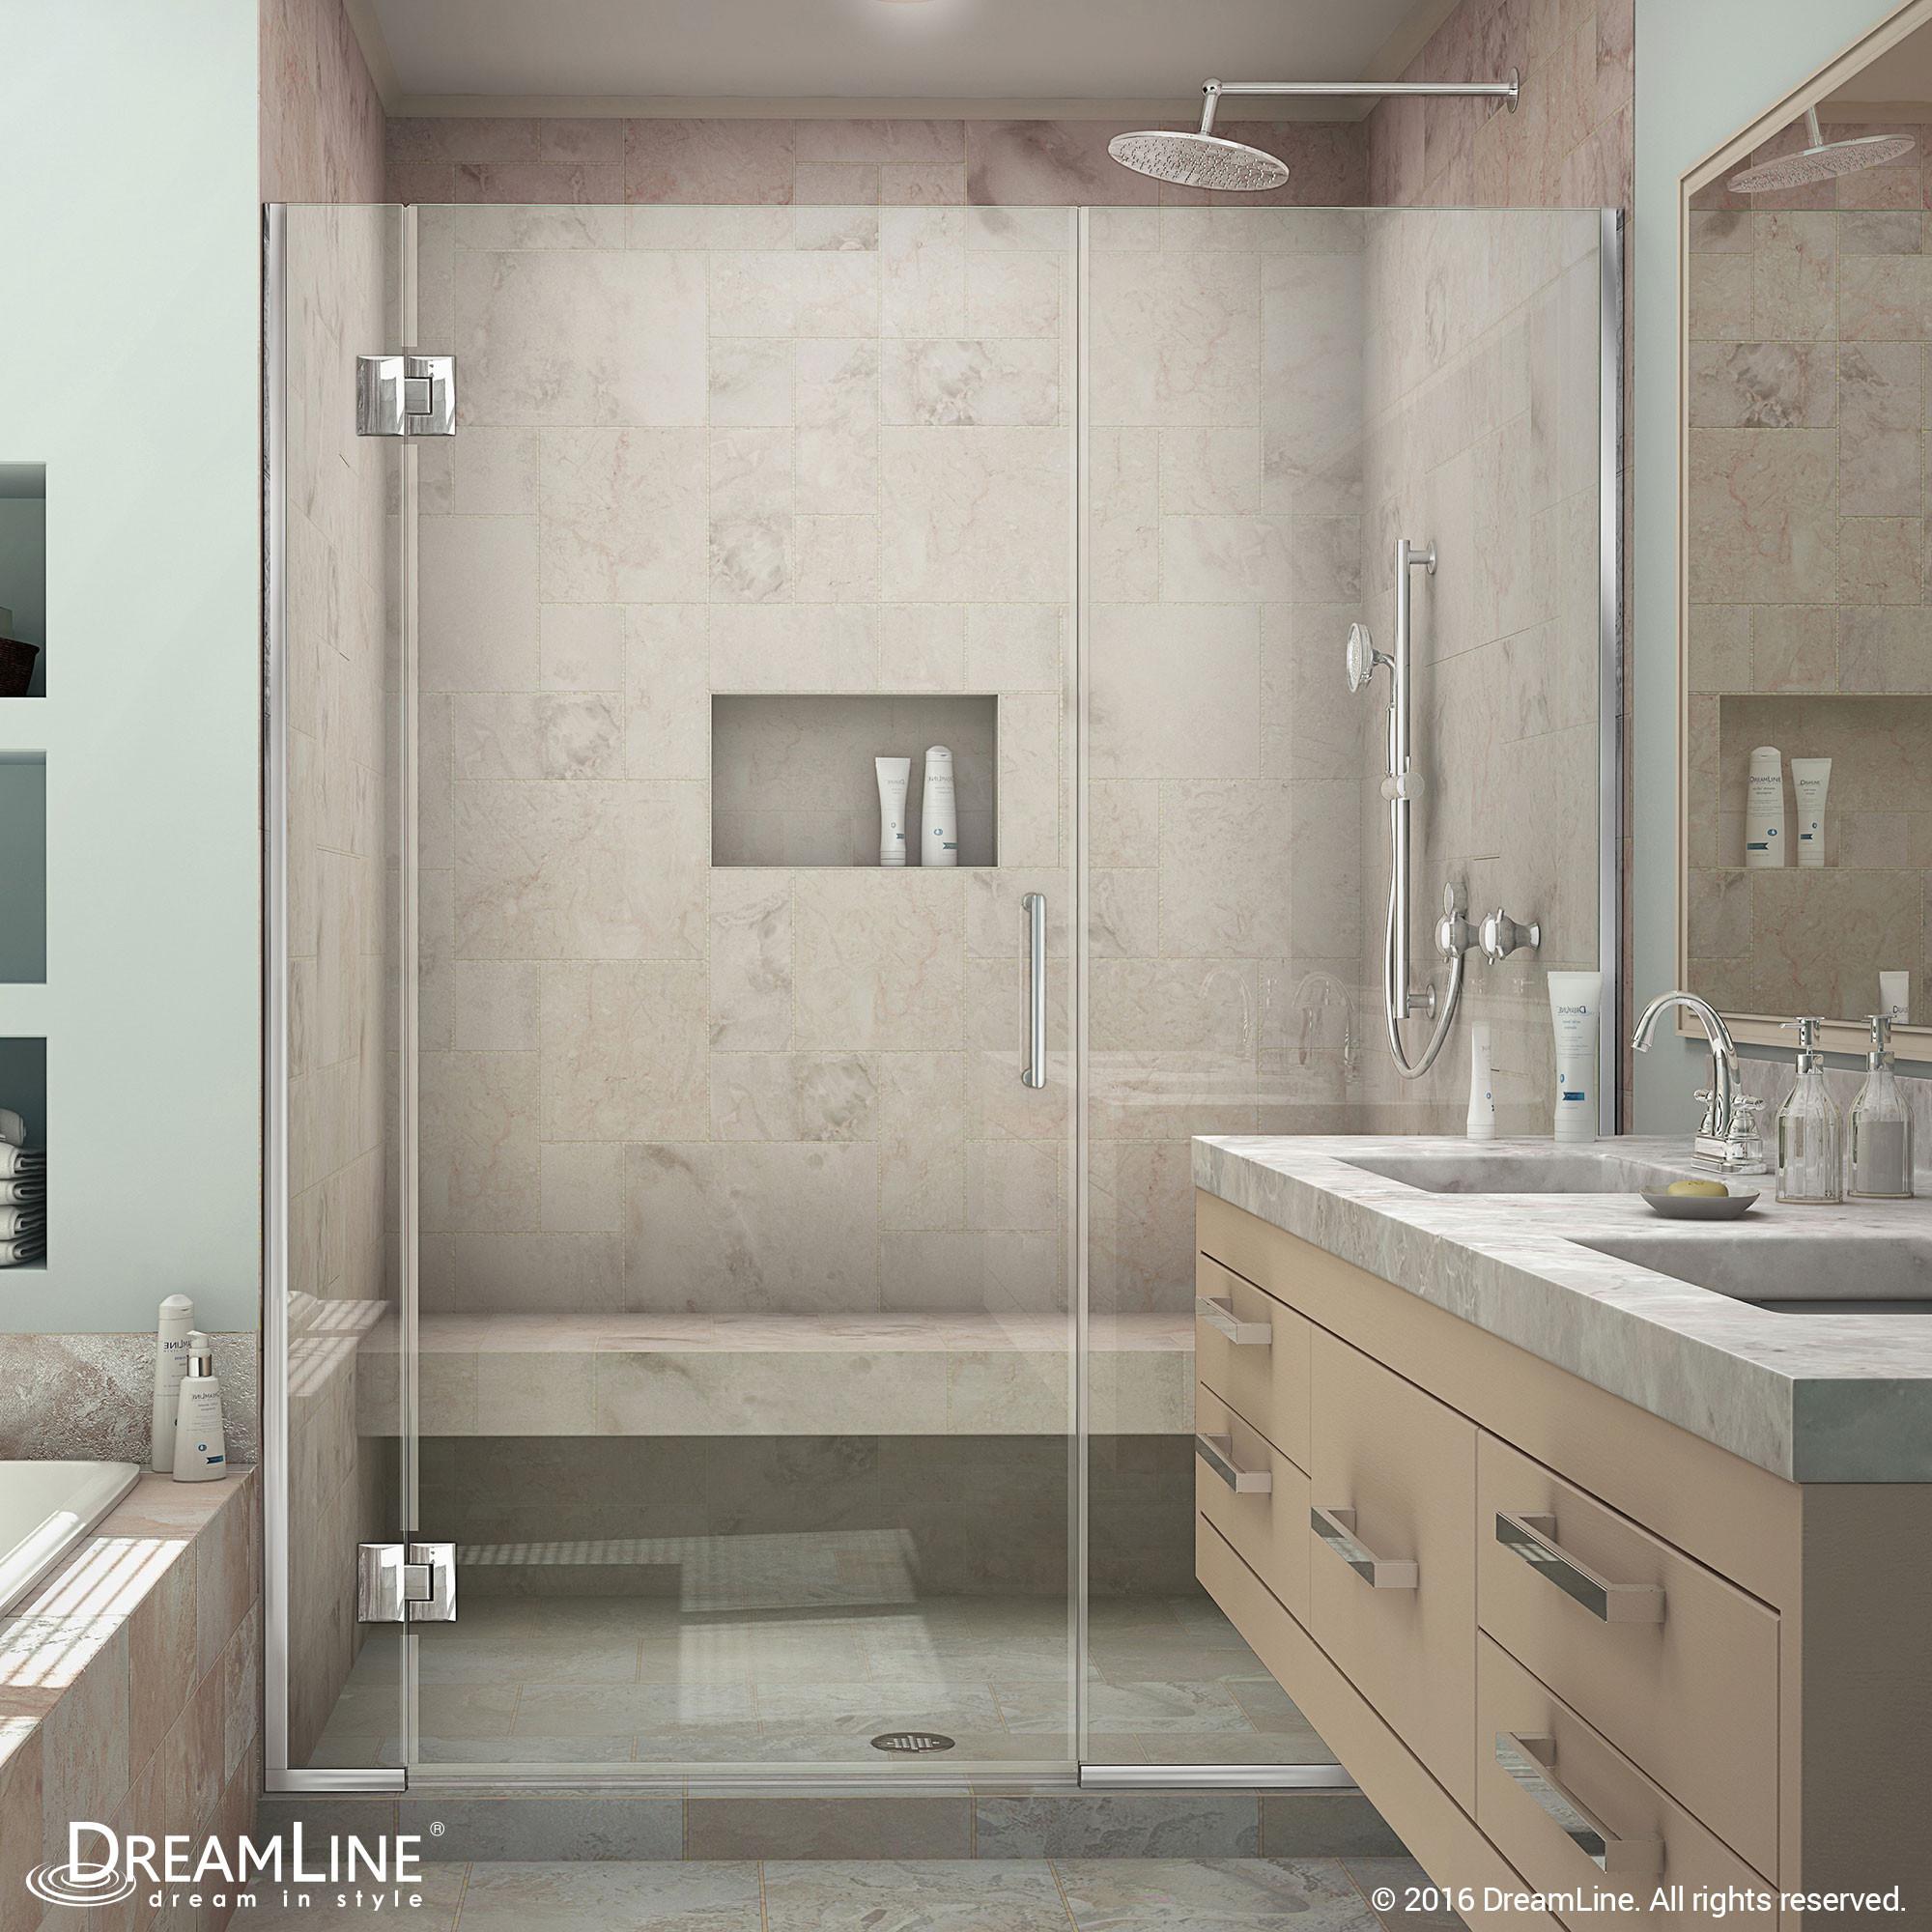 DreamLine D12530572-01 Unidoor-X 61 1/2 - 62 in. W x 72 in. H Hinged Shower Door in Chrome